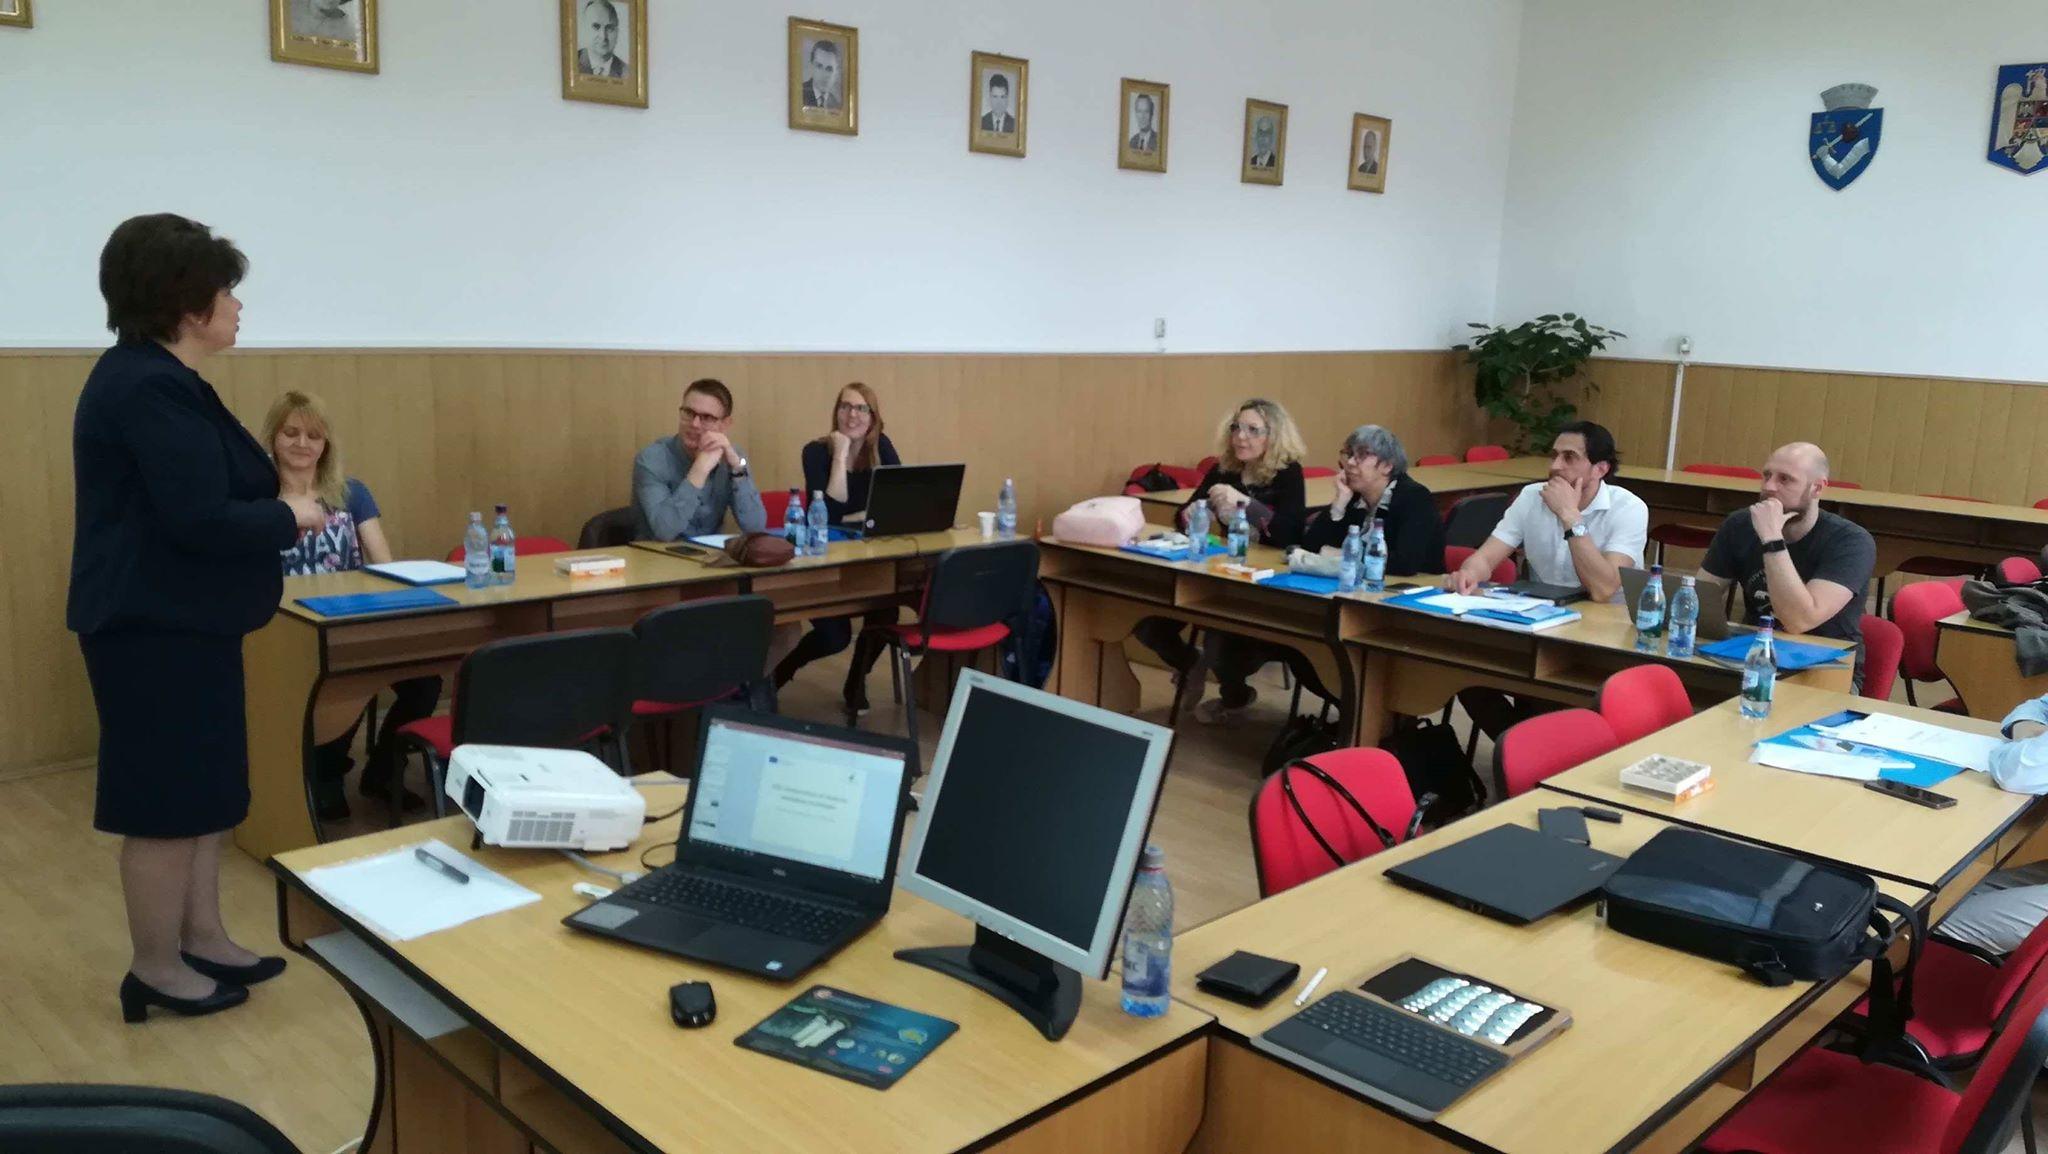 Specialiști din cinci țări europene, întâlnire de lucru la UMFST Târgu Mureș în cadrul proiectului CREATOR